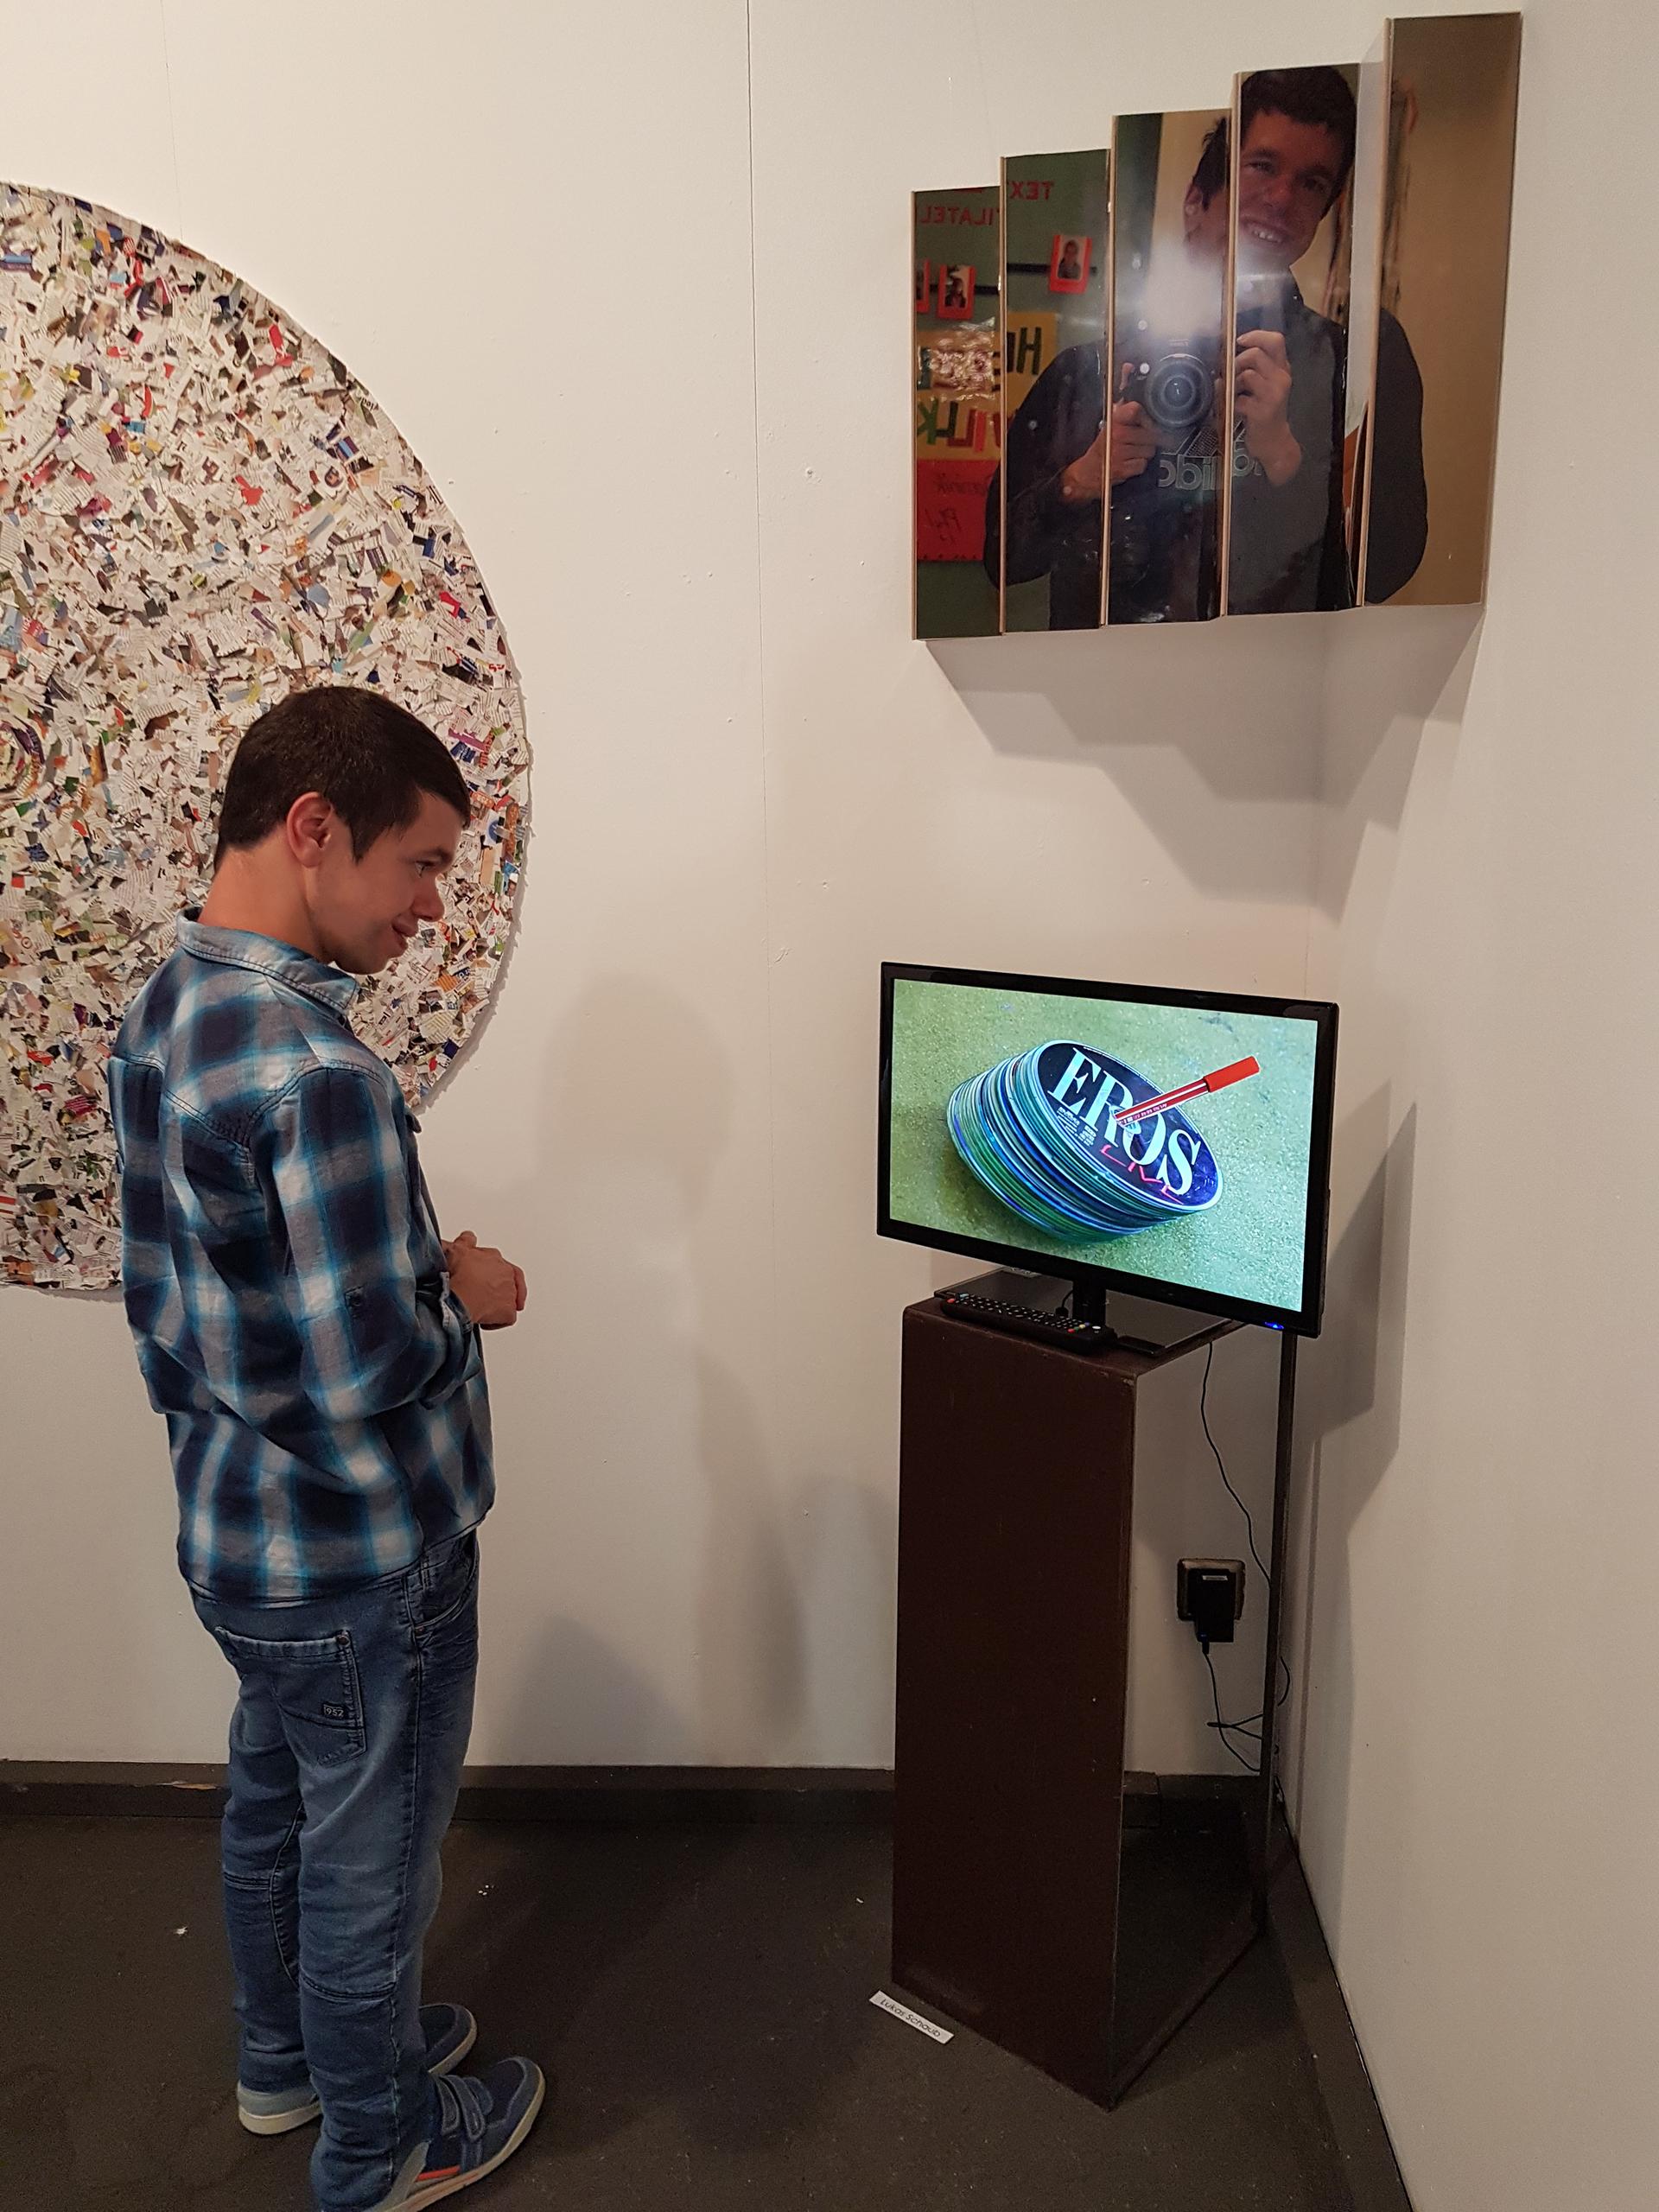 Fotografie und Digitales: Bewohner der Martin Stiftung betrachtet ausgestellte Kunstwerke.